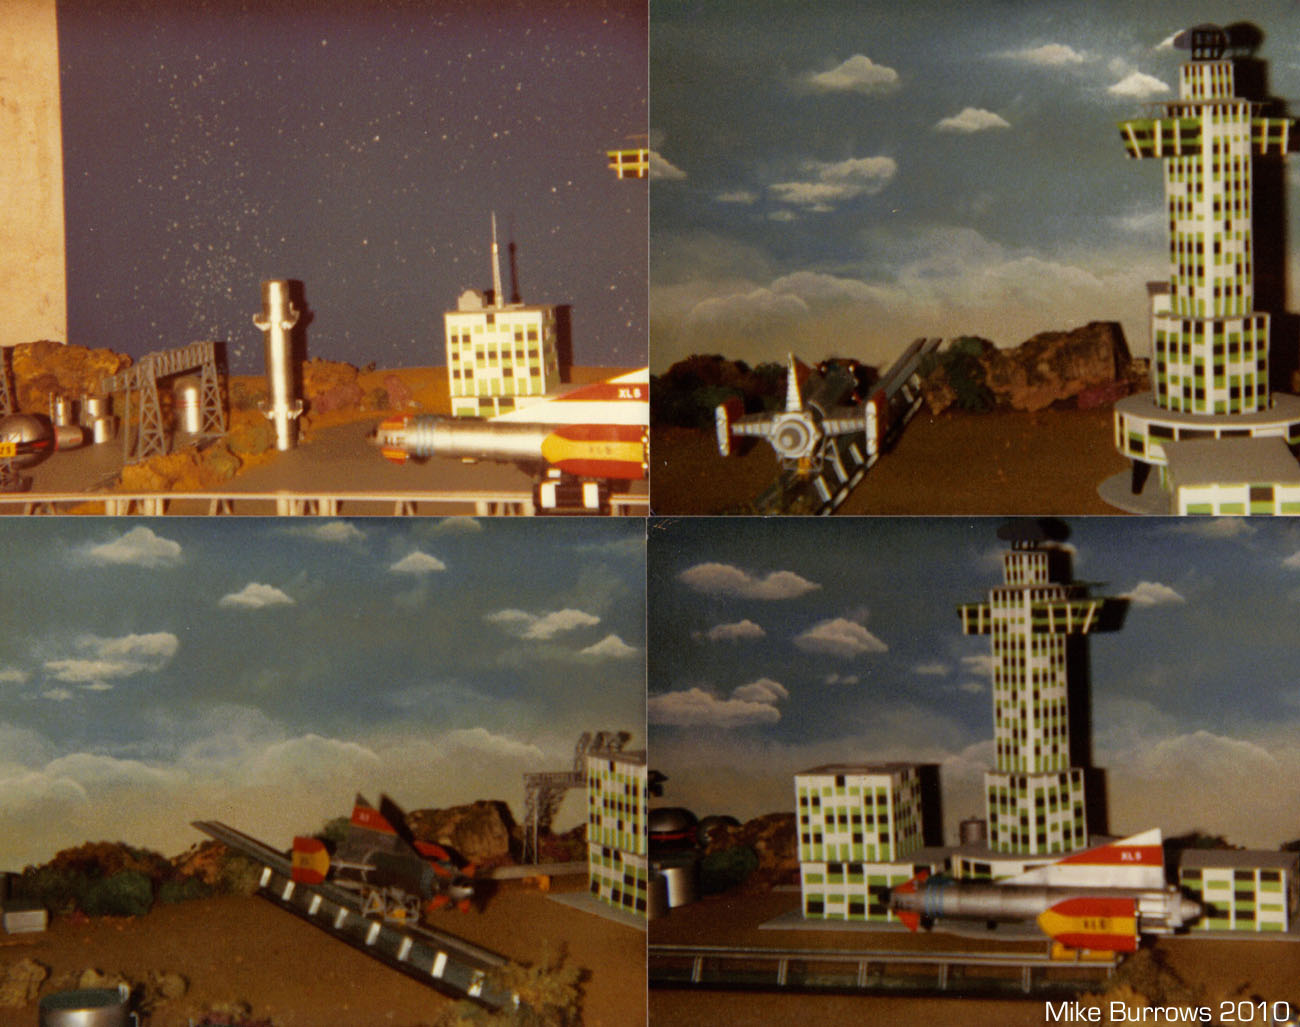 http://4.bp.blogspot.com/_4sCUMFVBe2M/TPgayBVhvQI/AAAAAAAACF0/oSvuF7rAf9E/s1600/Space+City+montage+2+copy.jpg